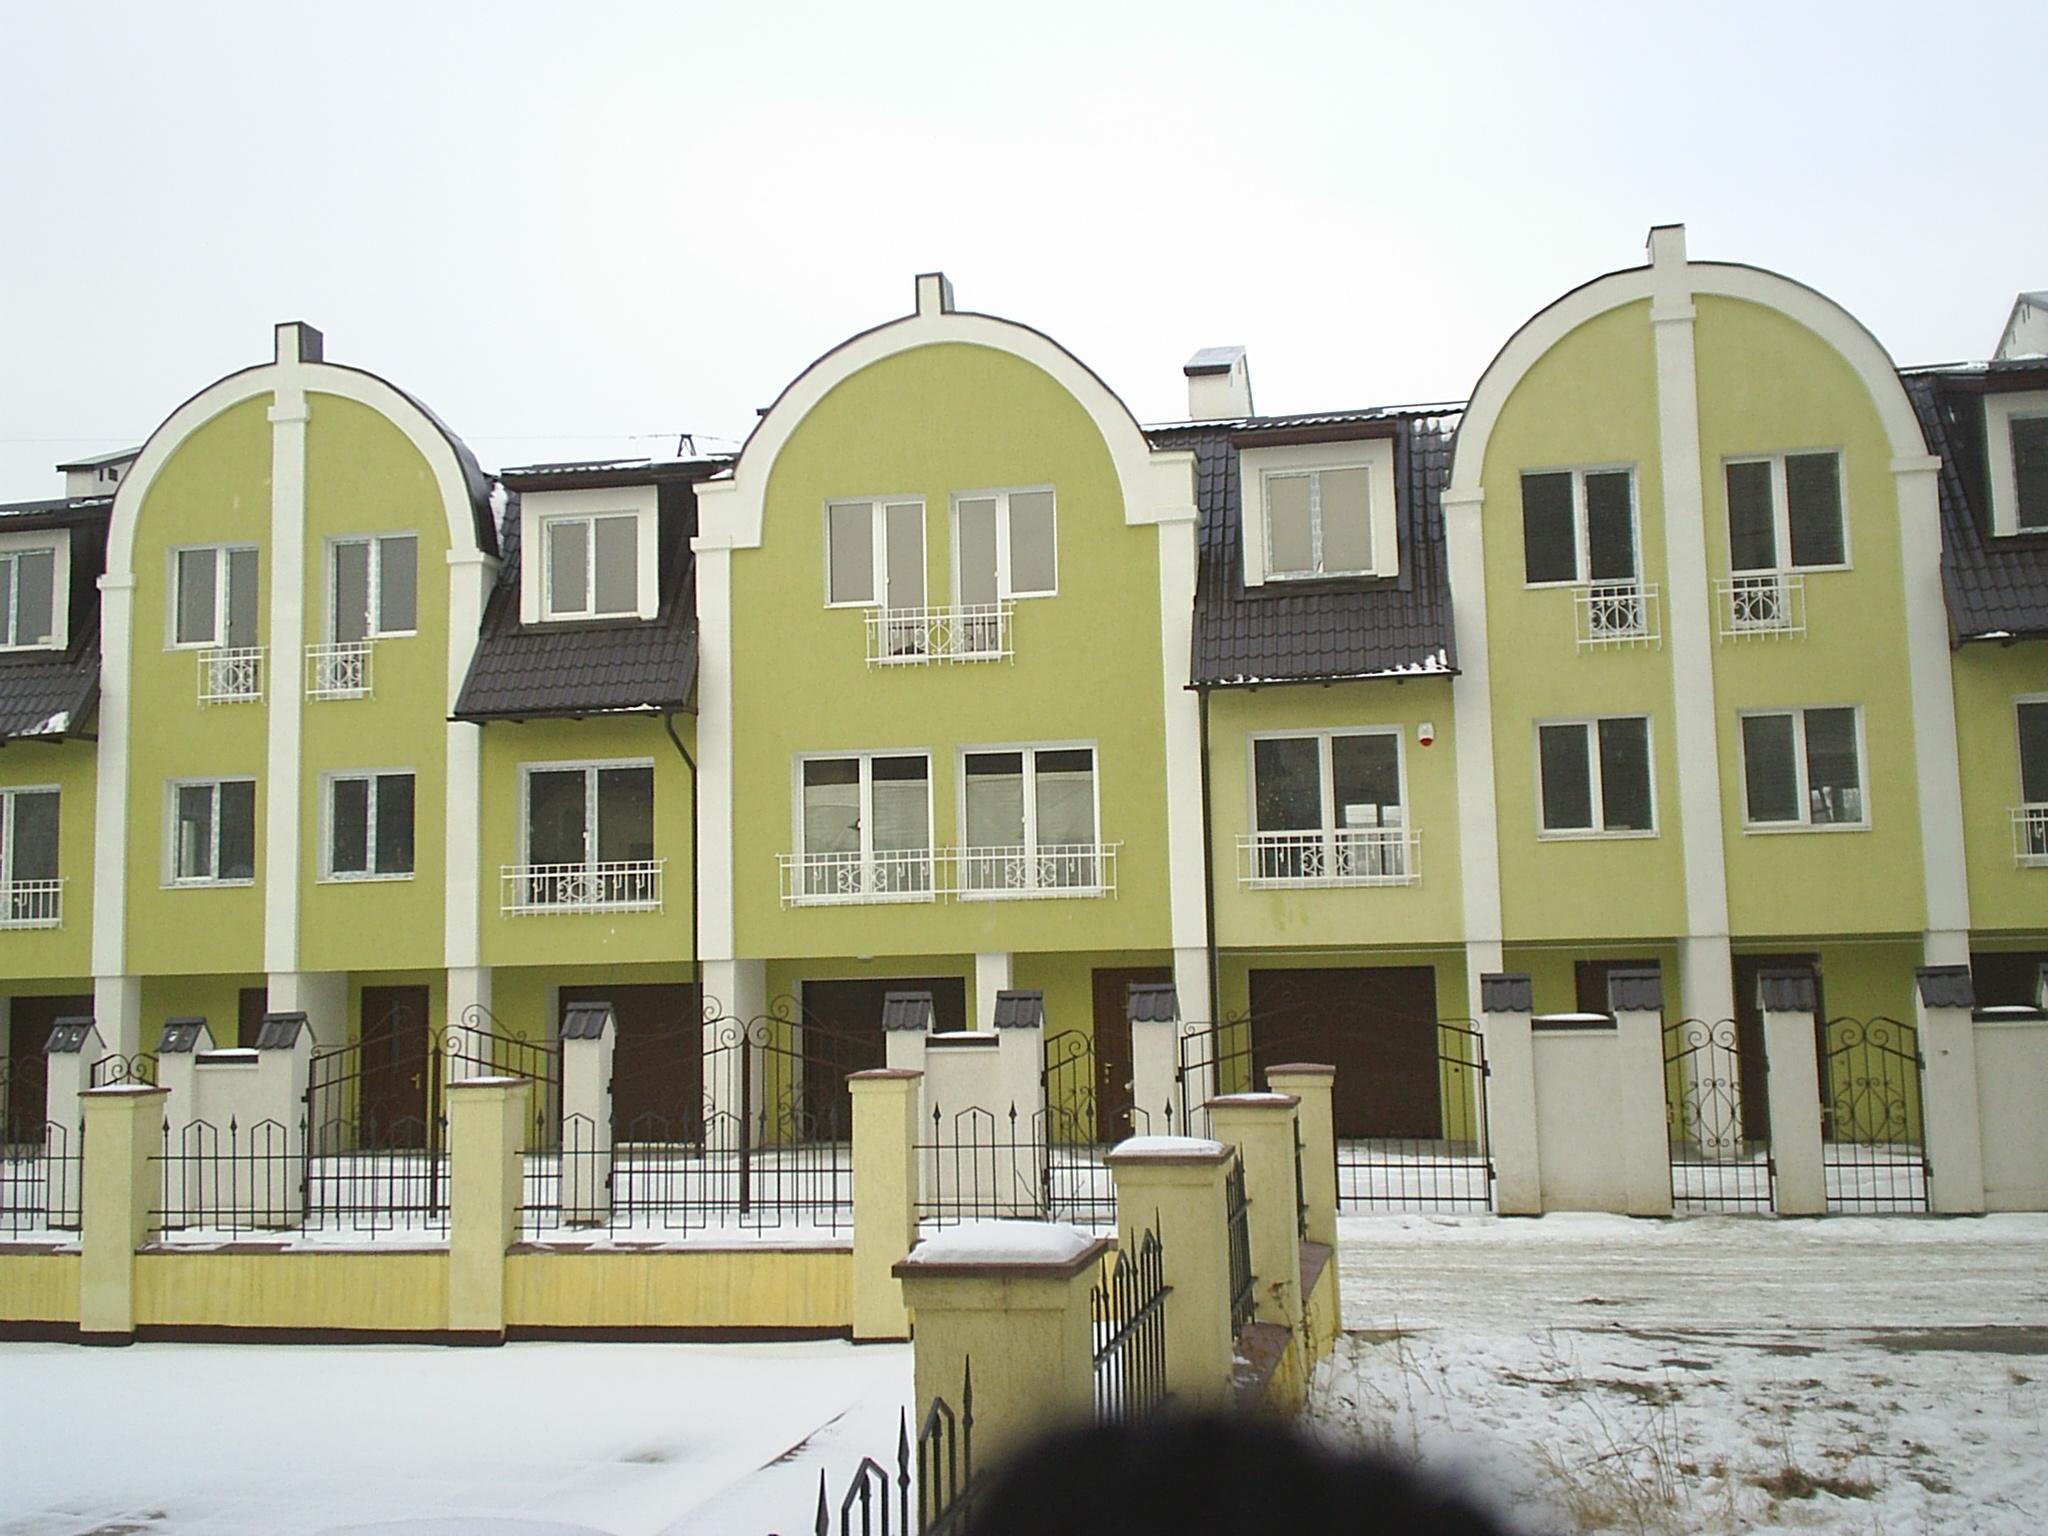 Зблоковані житлові будинки. вул. Вагонова, м.Львів